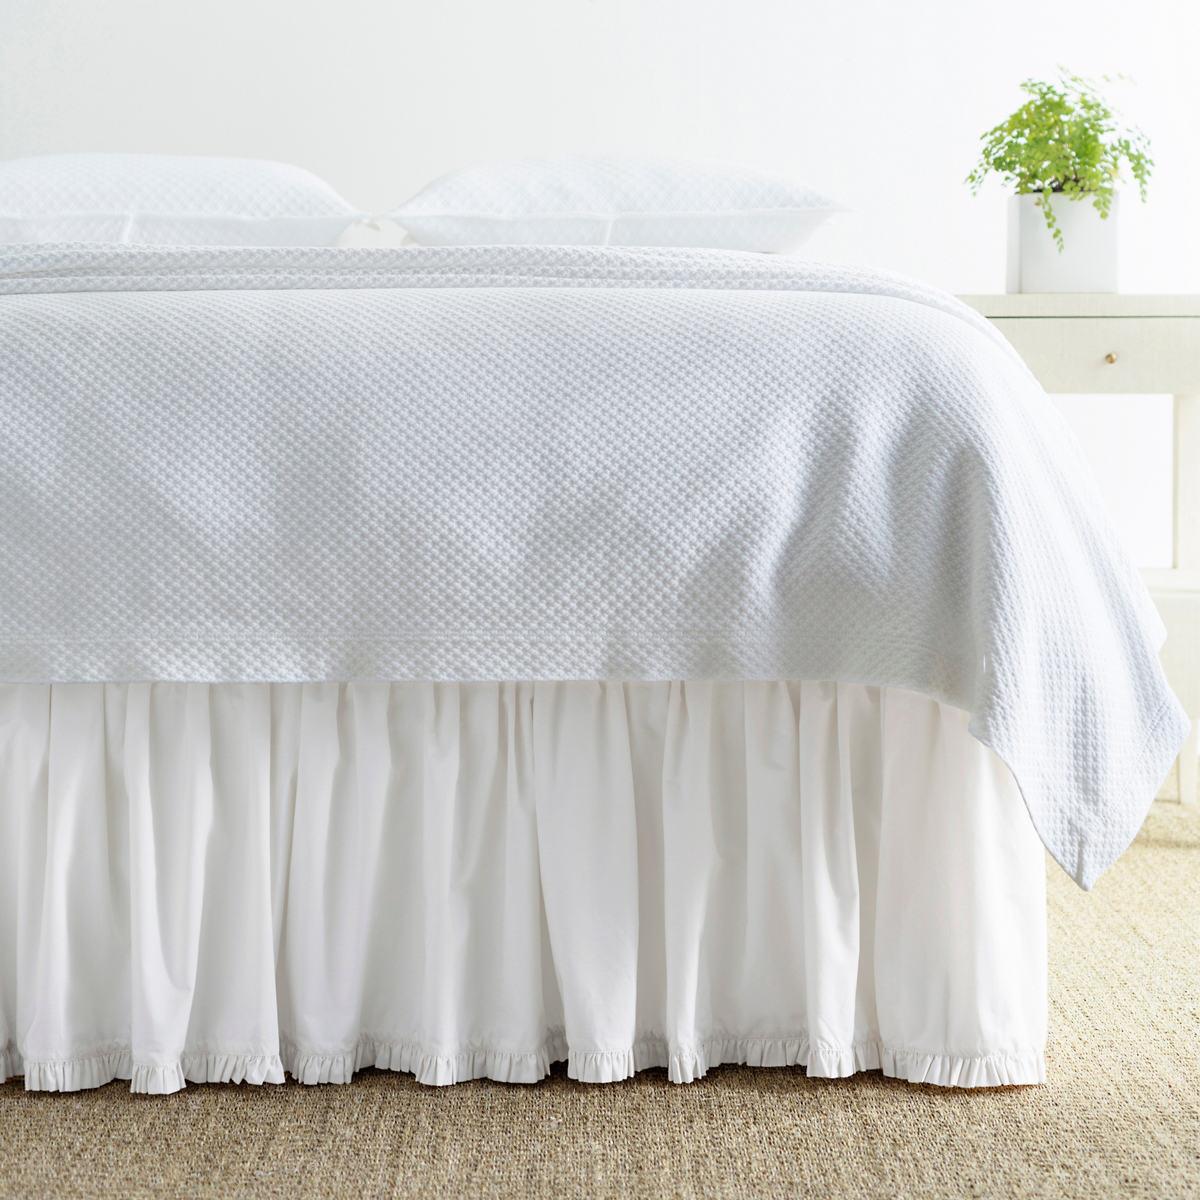 Classic Ruffle White Bed Skirt